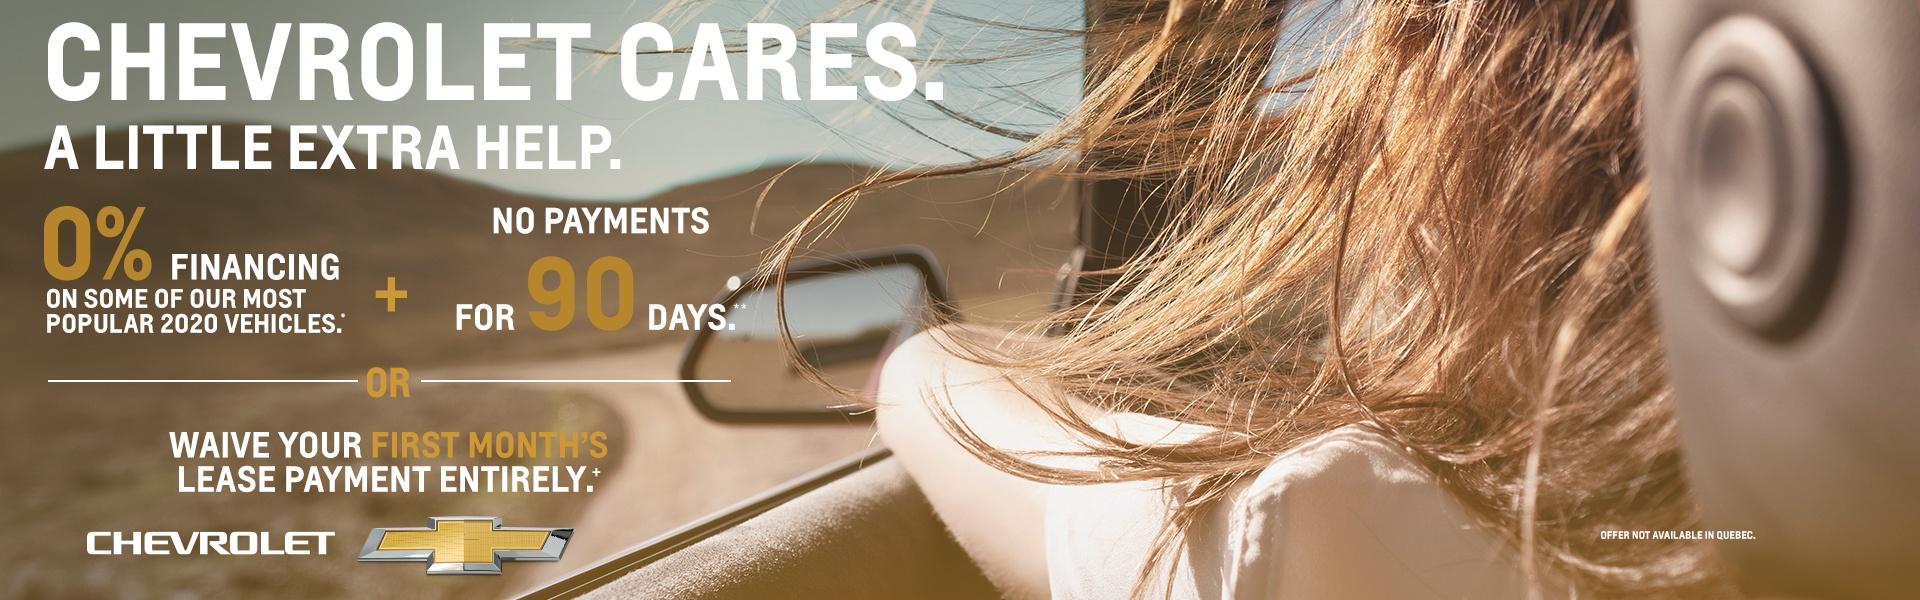 Chevrolet Cares